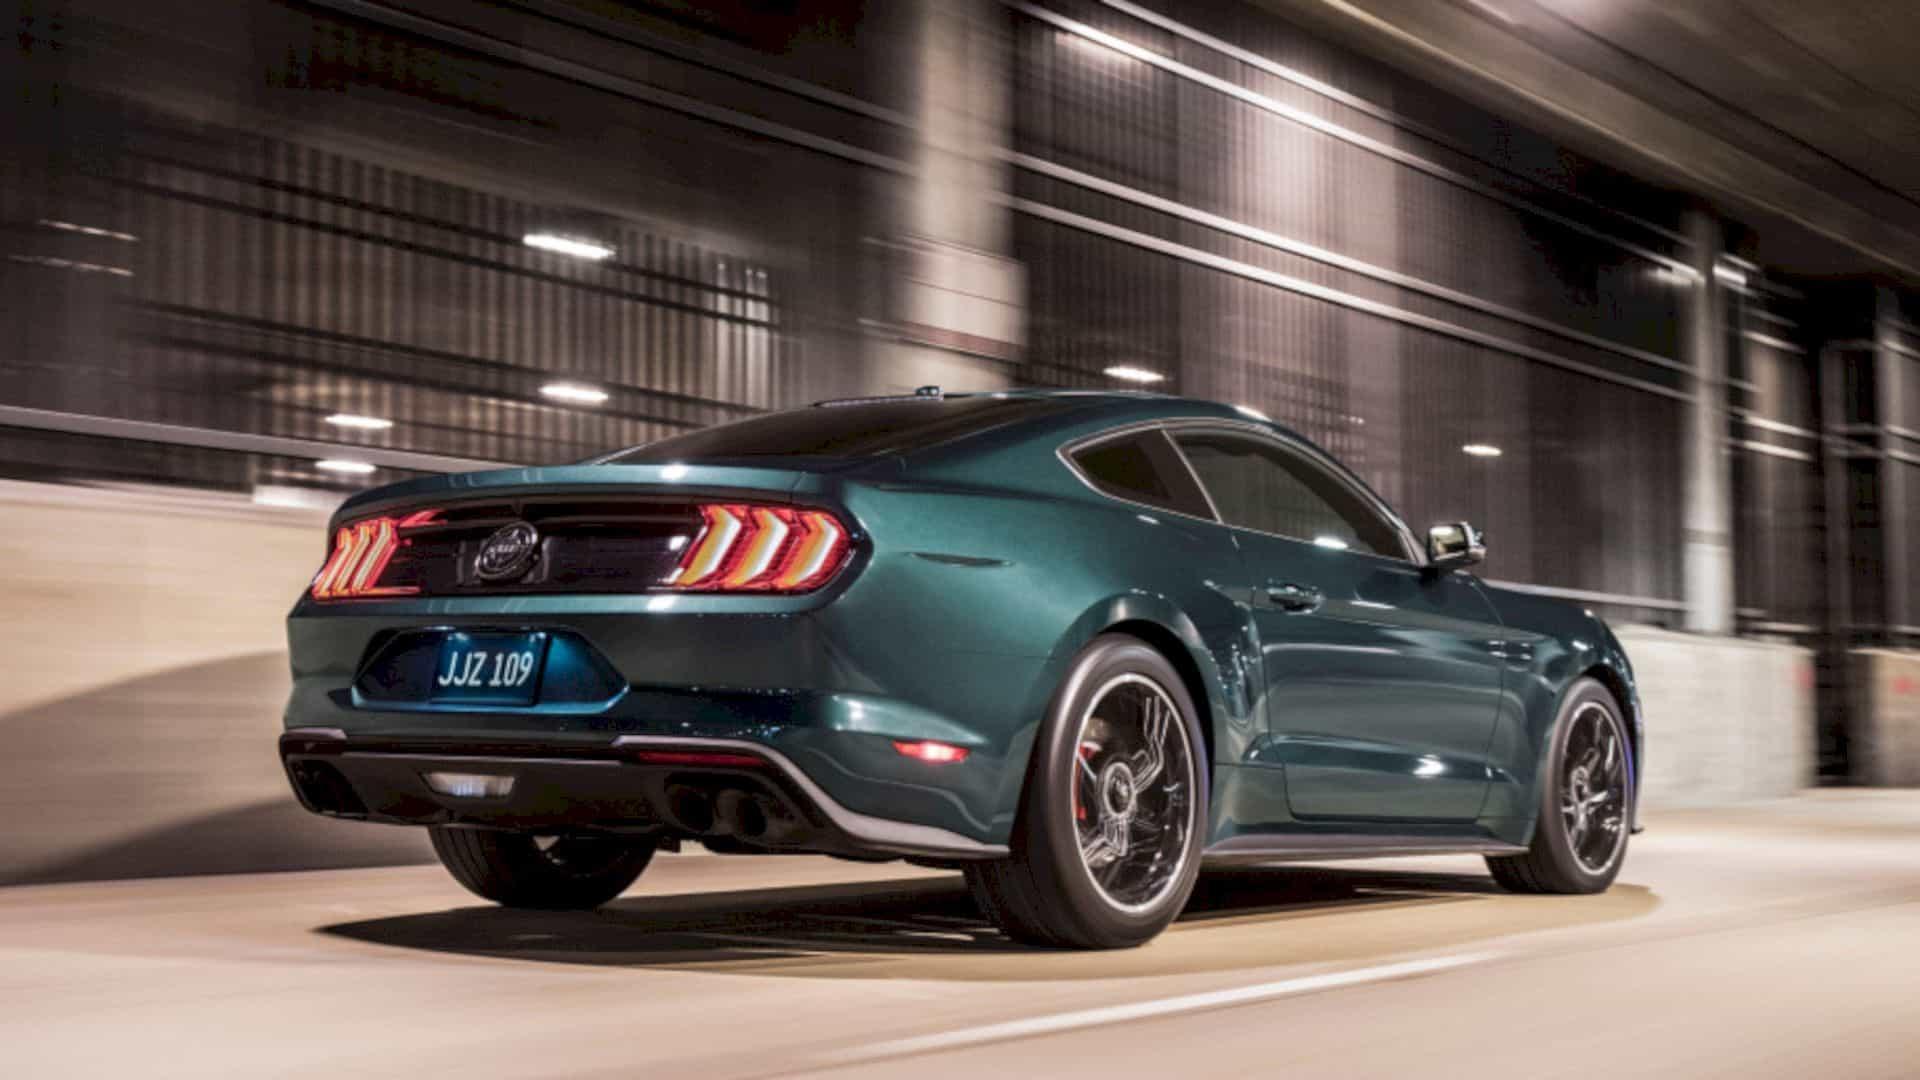 2019 Ford Mustang Bullitt 5